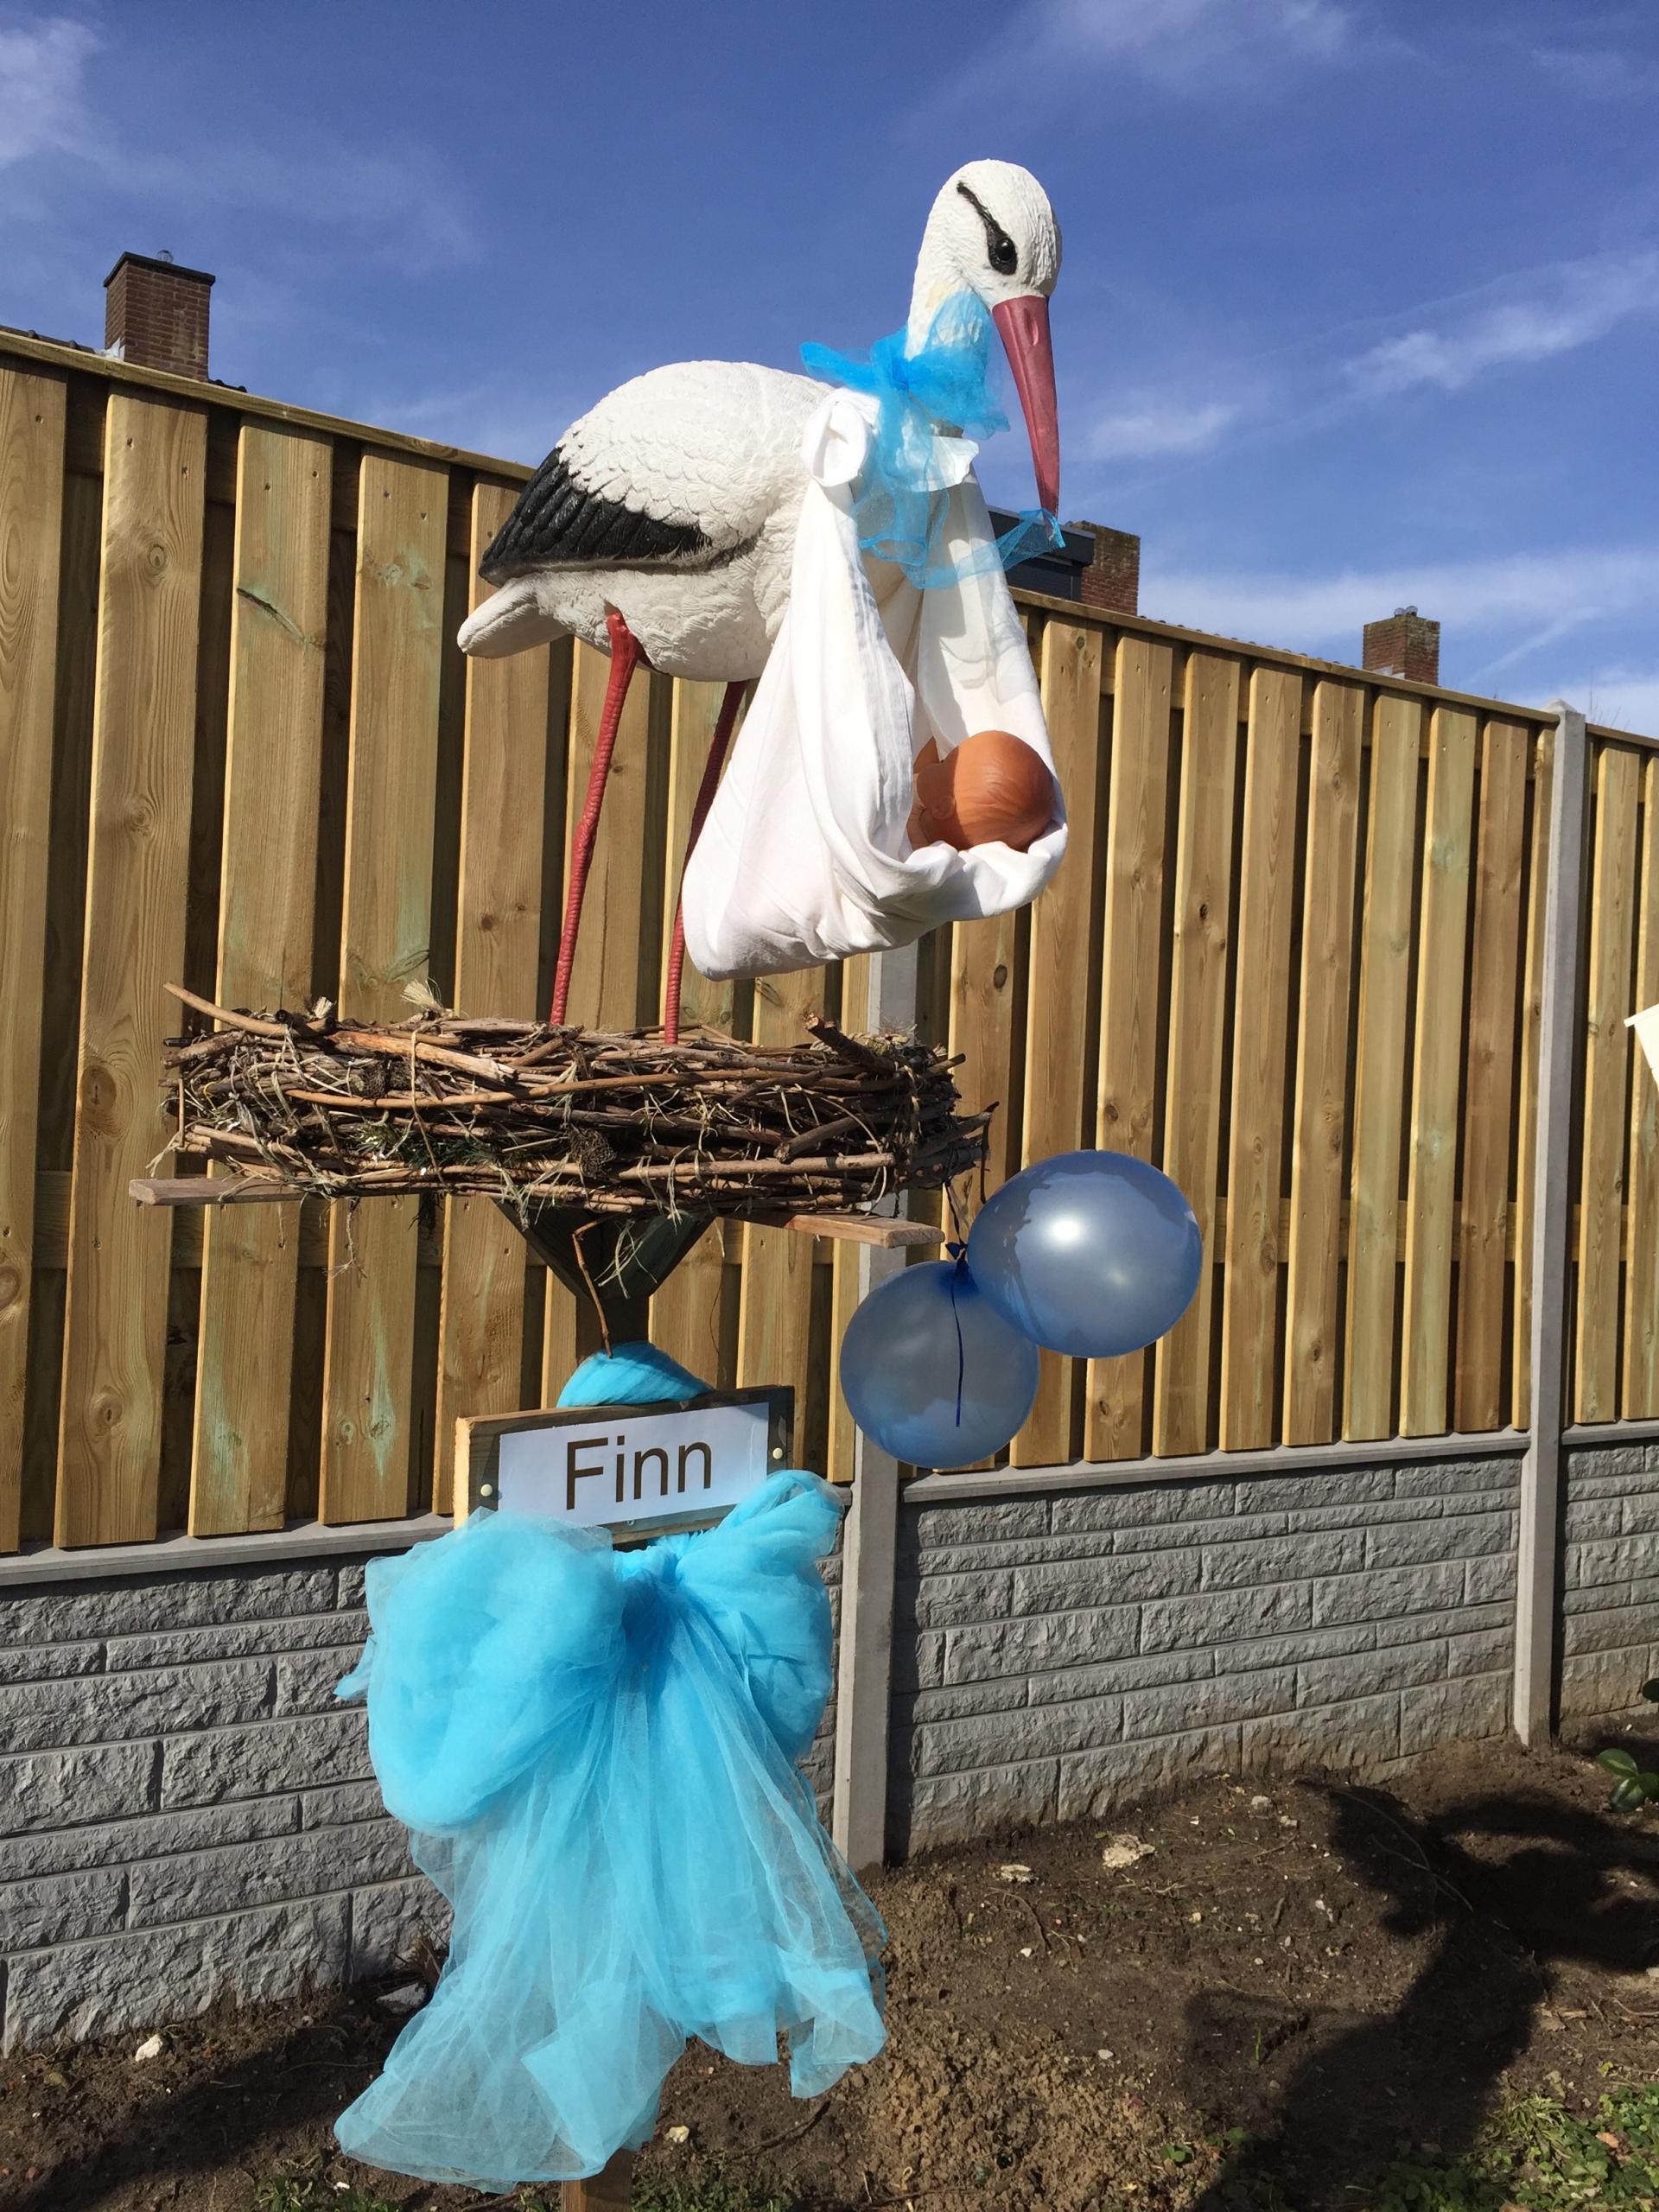 #18 2 B Ooievaar op nest, hangende baby, tule strik, 2 ballonnen